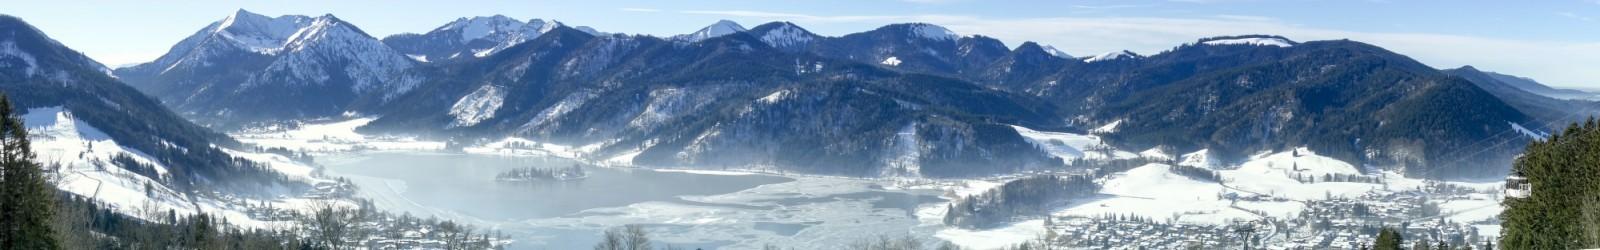 Die Insel im Schliersee im Winter